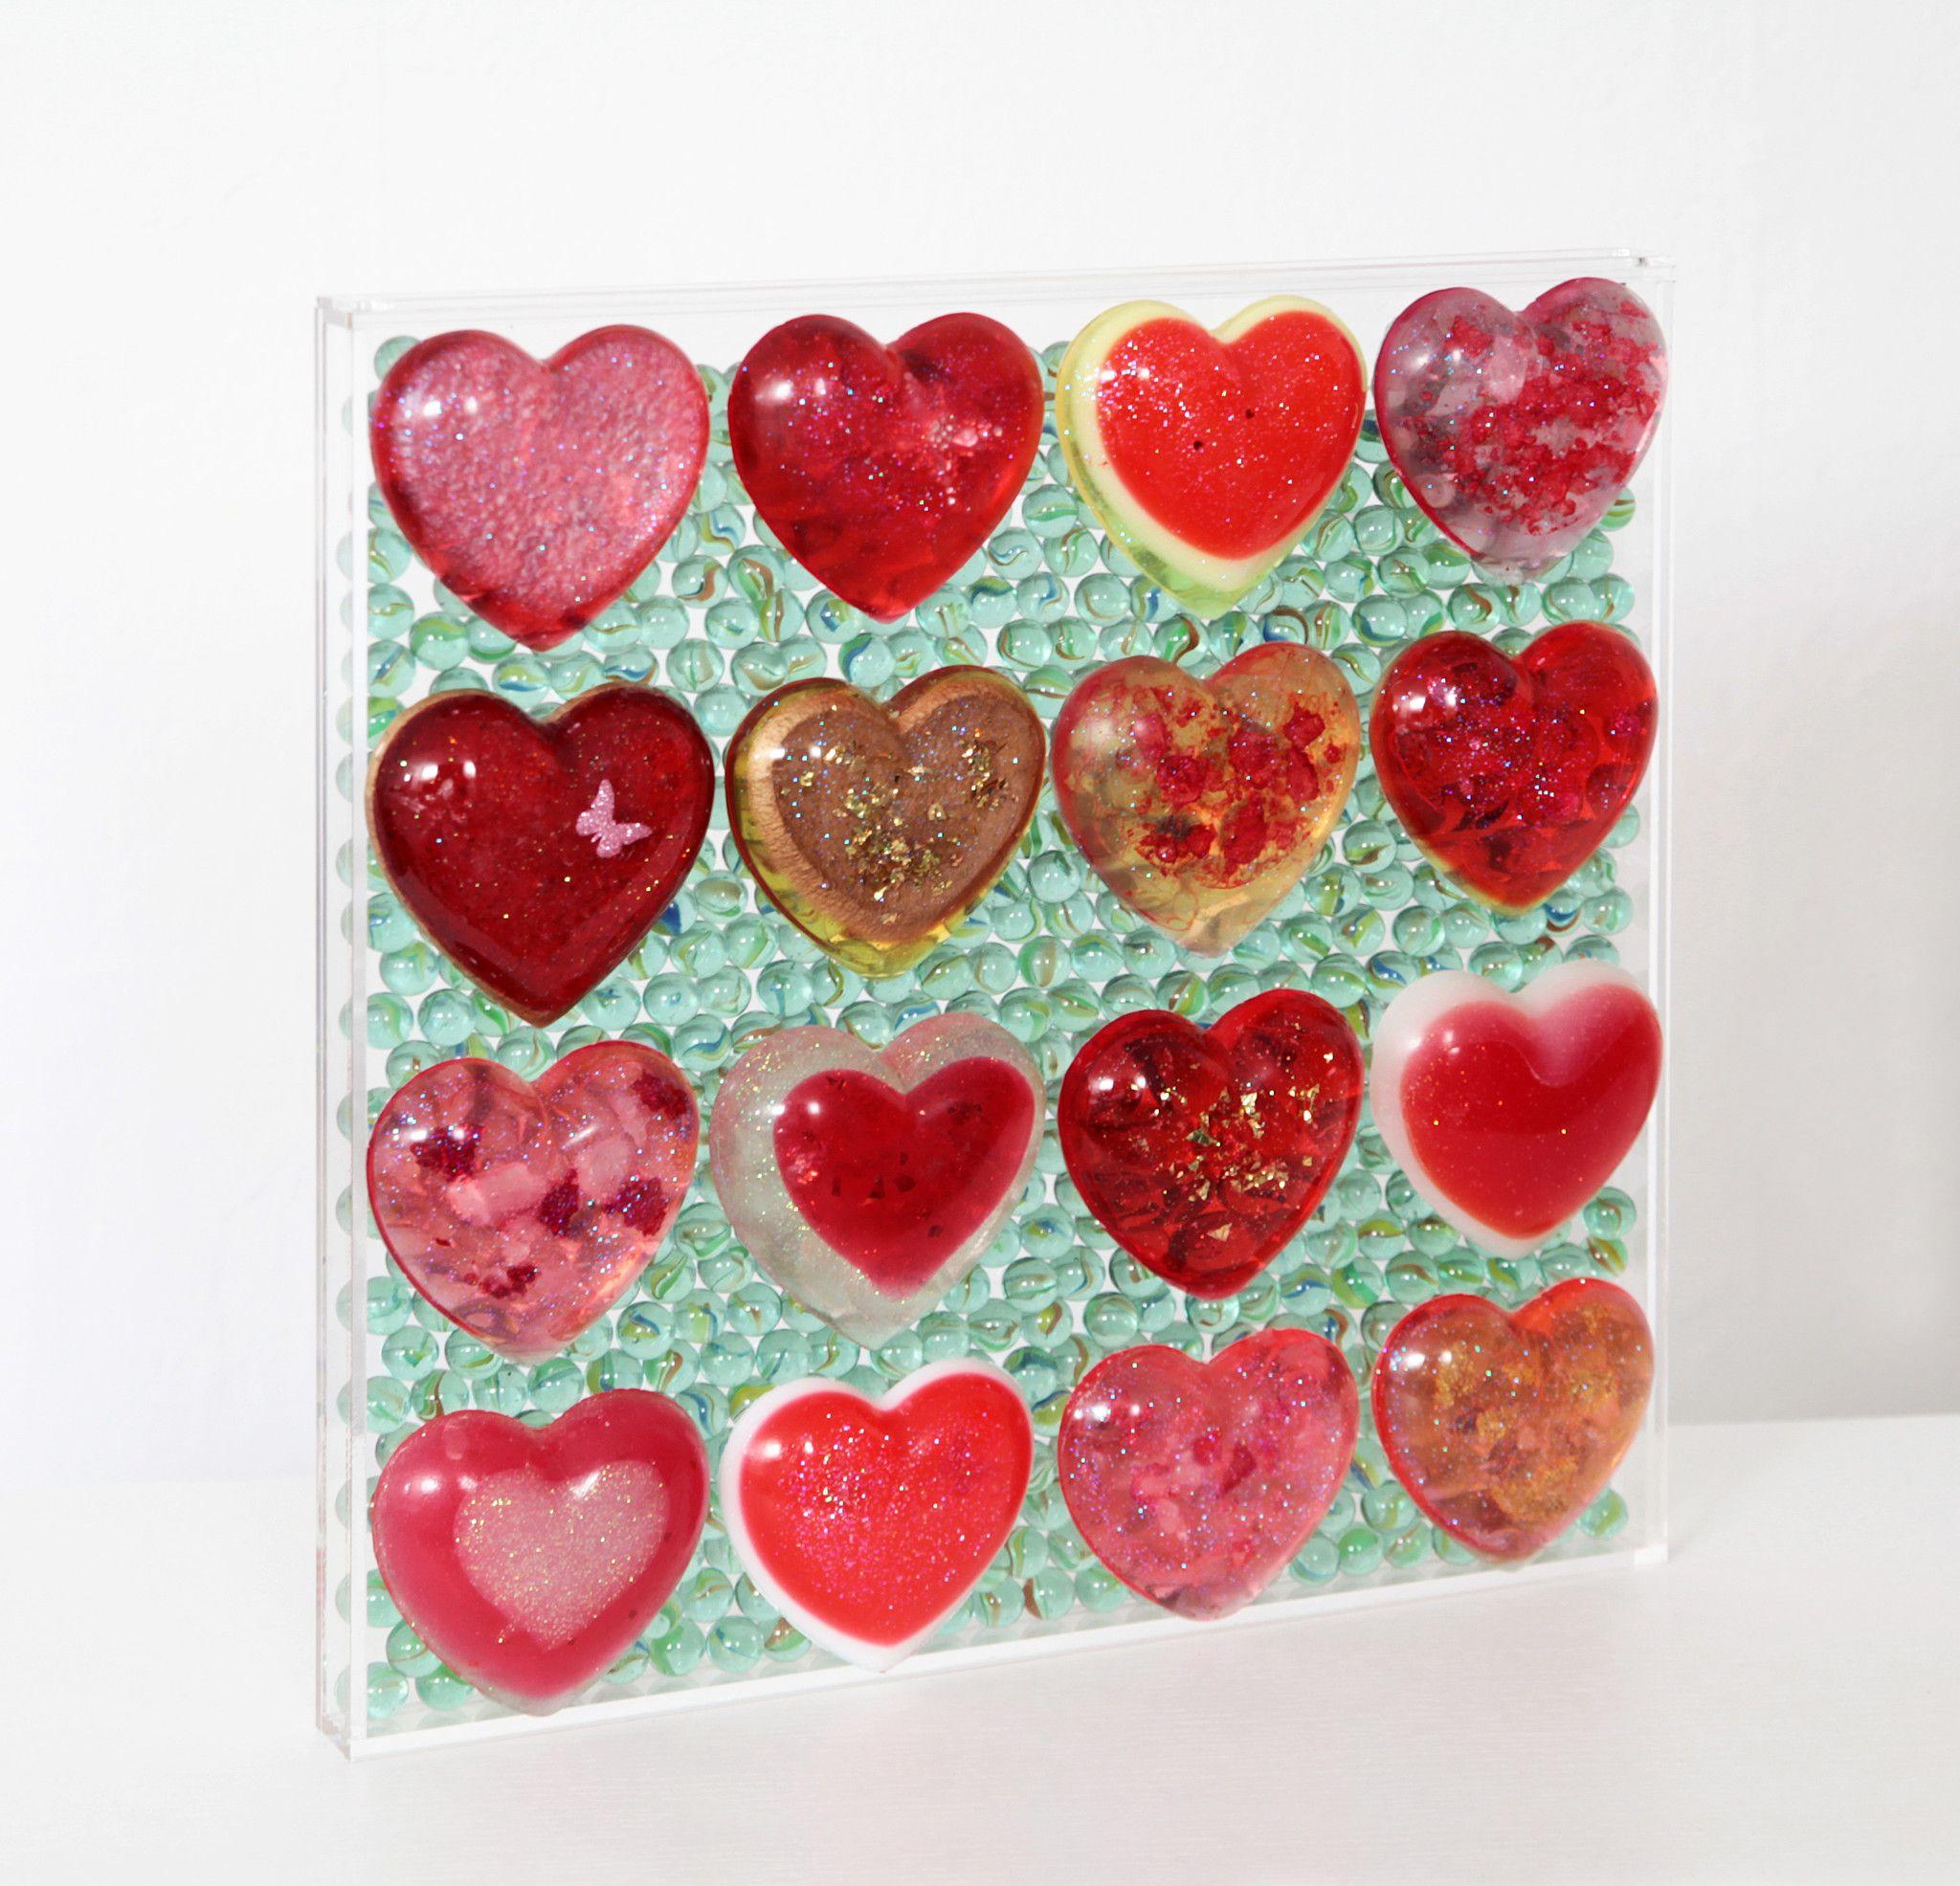 SCULTURA DANIELA FORCELLA  ' RED HEARTS' GAME '  dimensioni L 60 x H 60 cm.